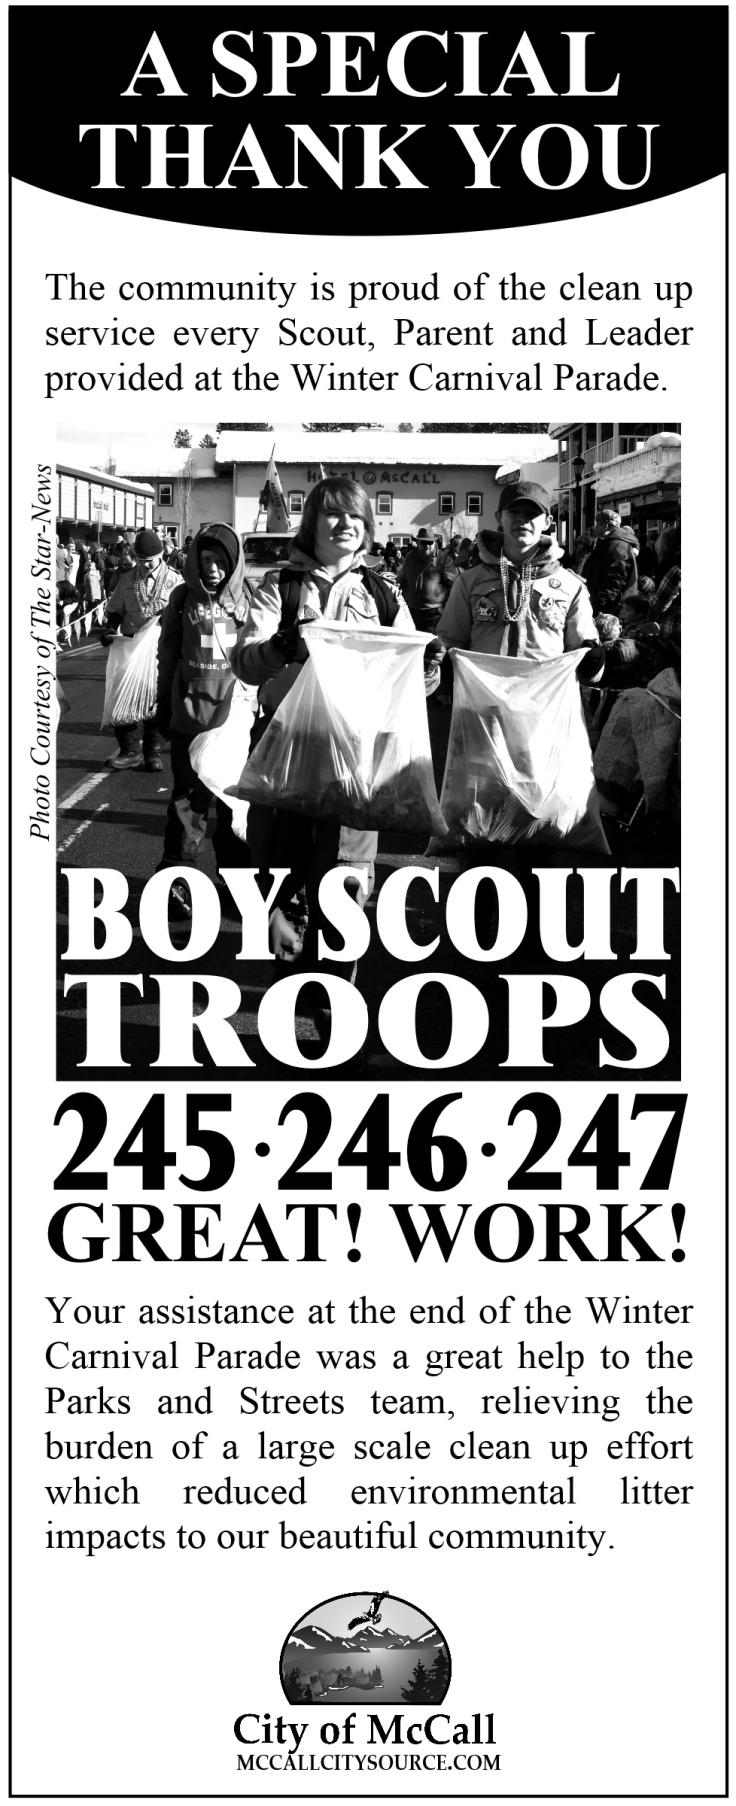 Boy Scout Thanks 2018